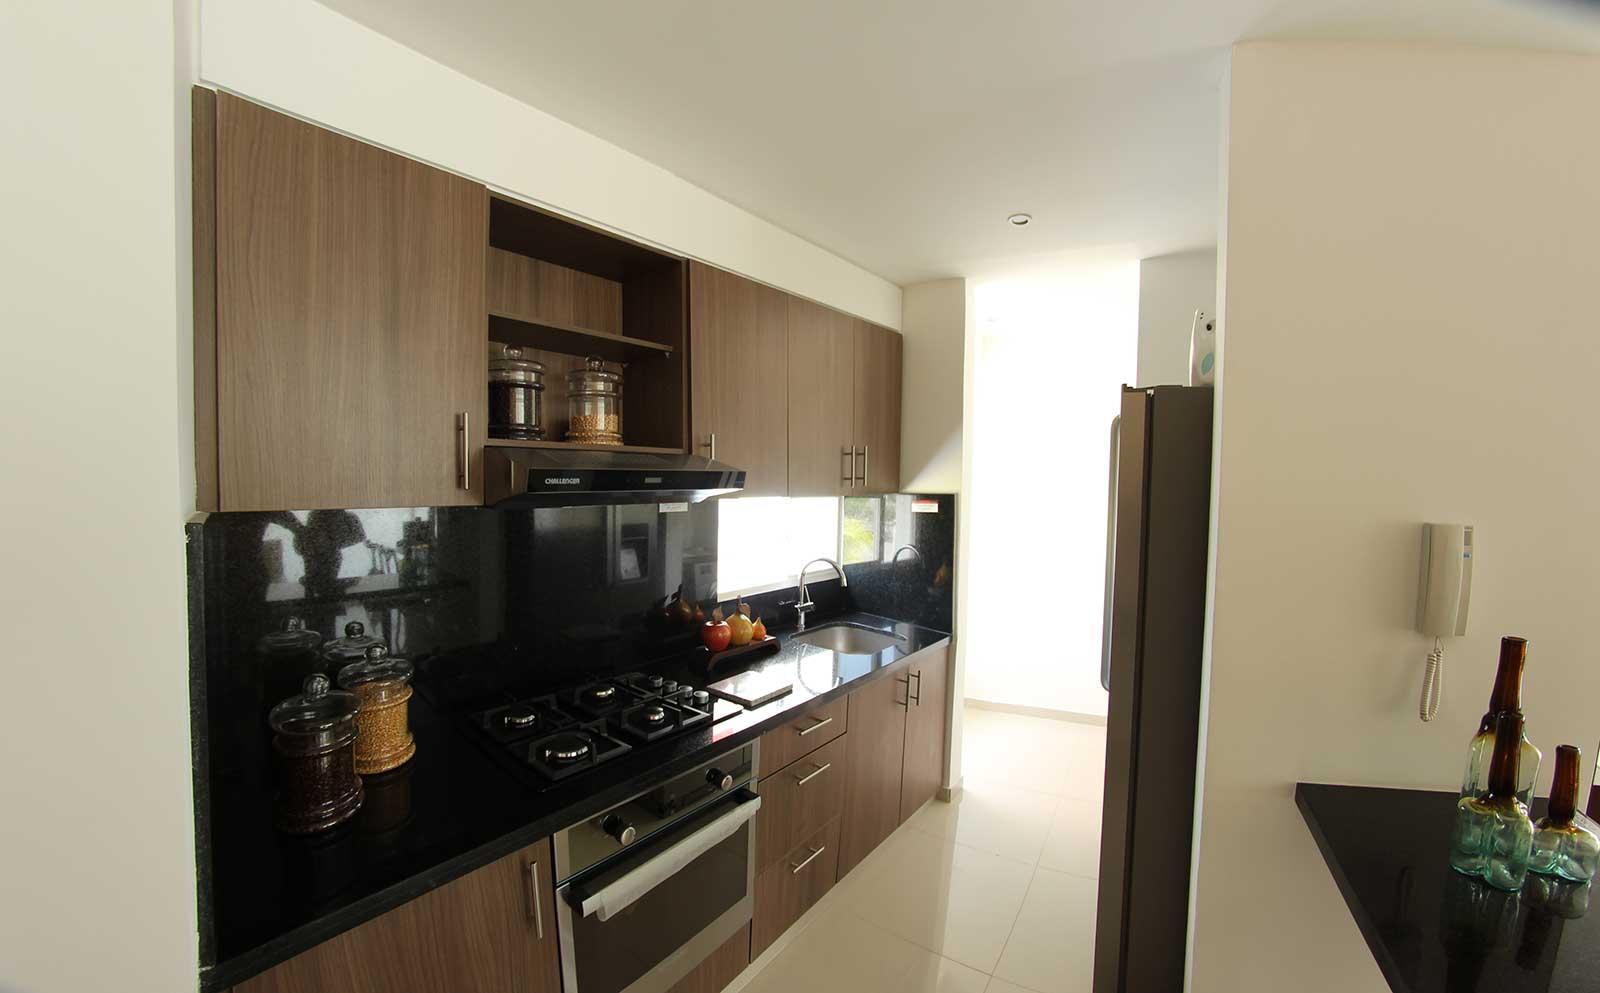 reducido-Cocina-apartmento-modelo_atlantic-copia